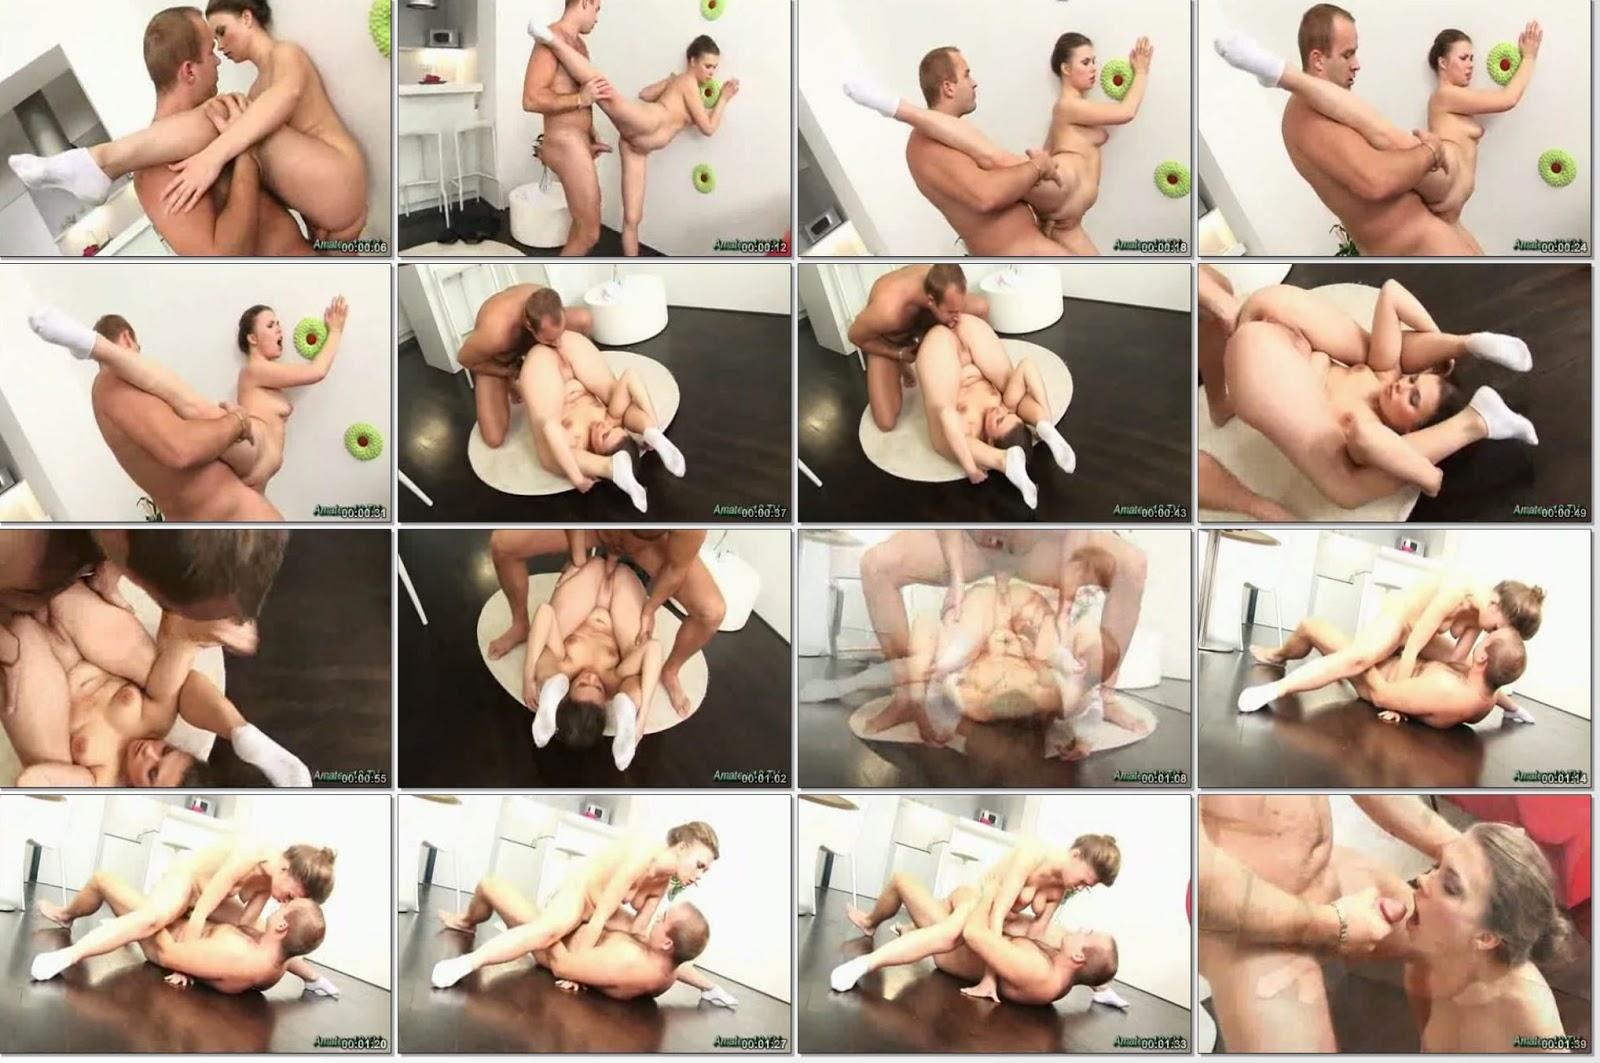 Самые нереальные порно картинки, тату фото на пизде видео